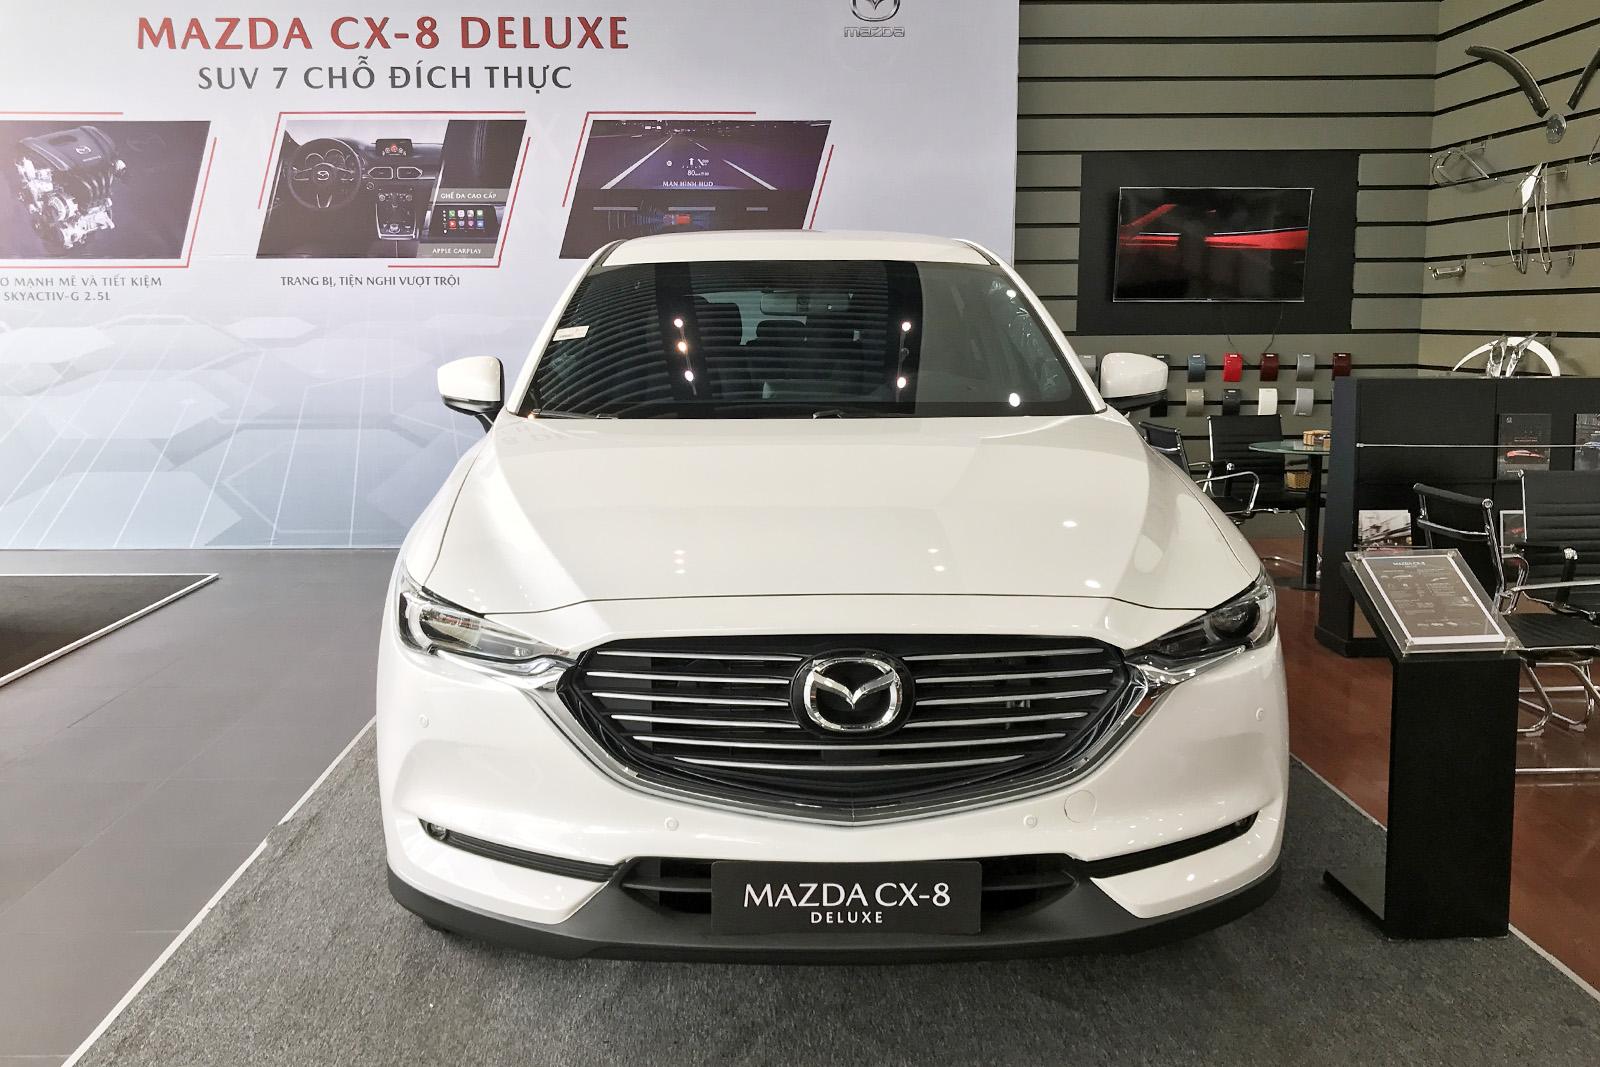 Mazda CX-8 bản Deluxe tiêu chuẩn.